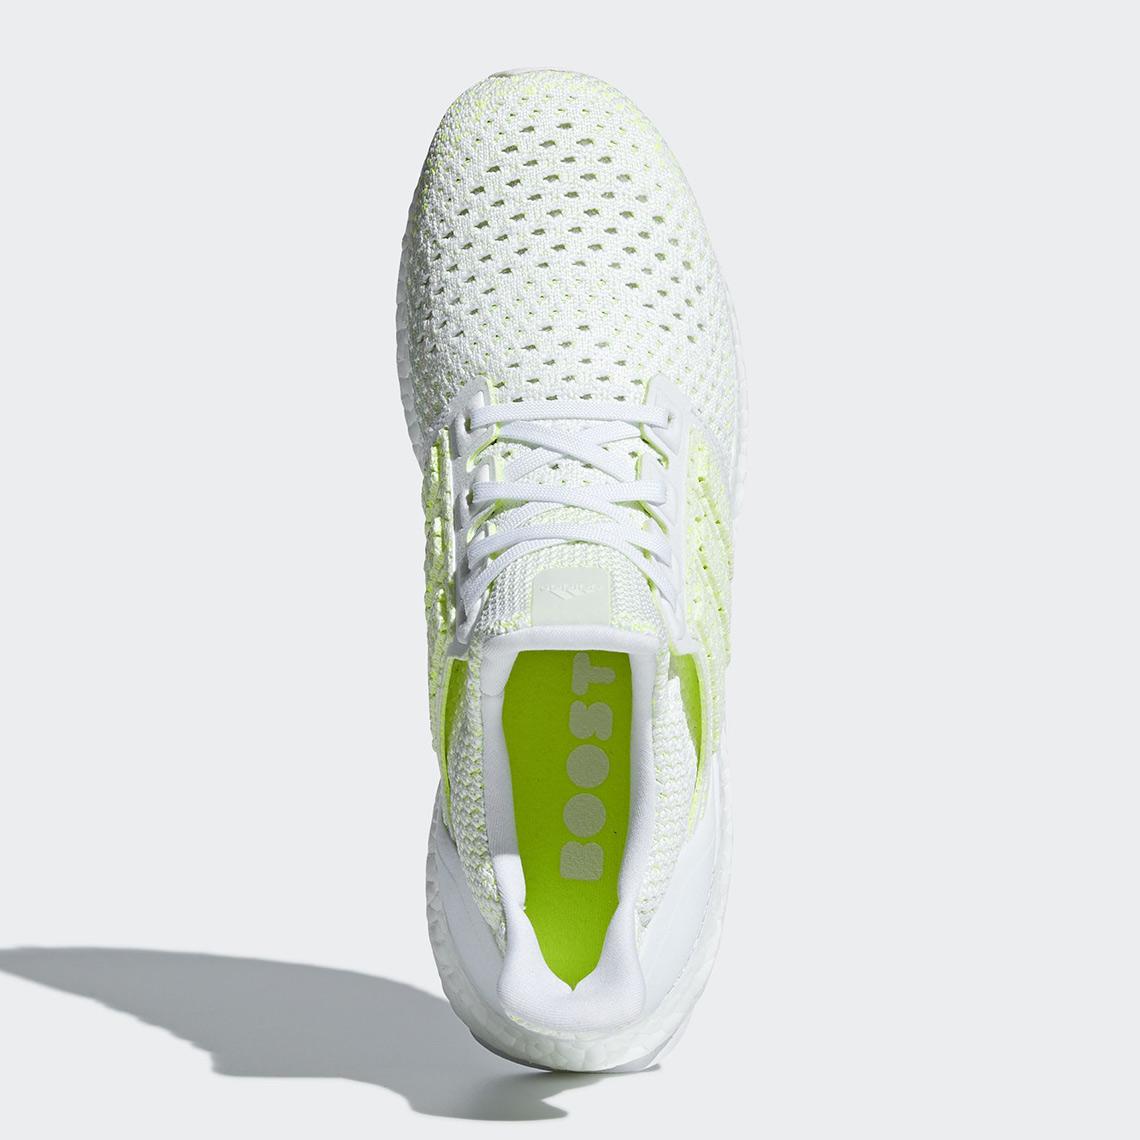 2d96f6f5797b0 adidas Ultra Boost Clima Solar Yellow AQ0481